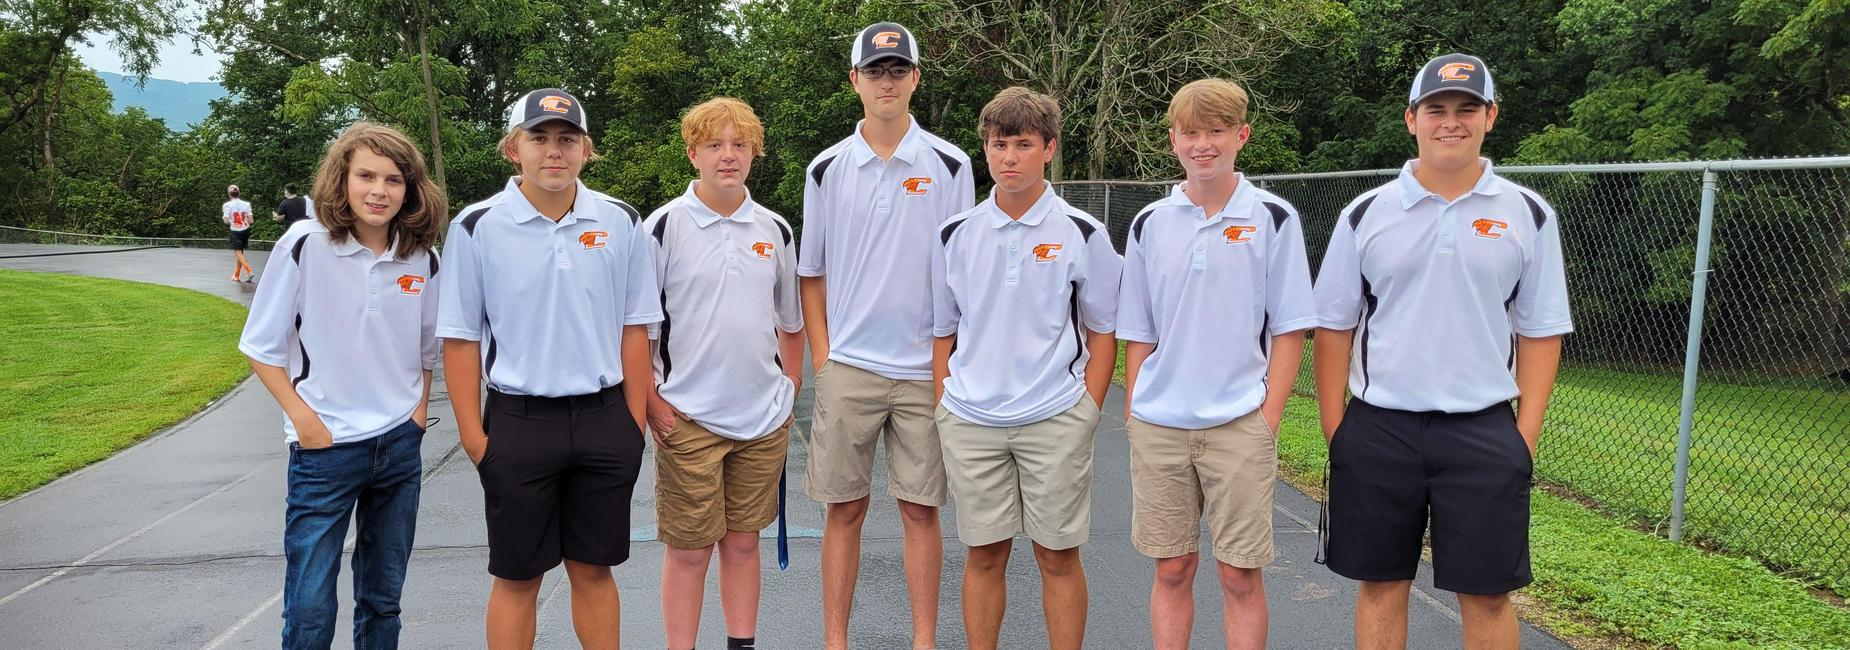 Chilhowie HS Golf Team